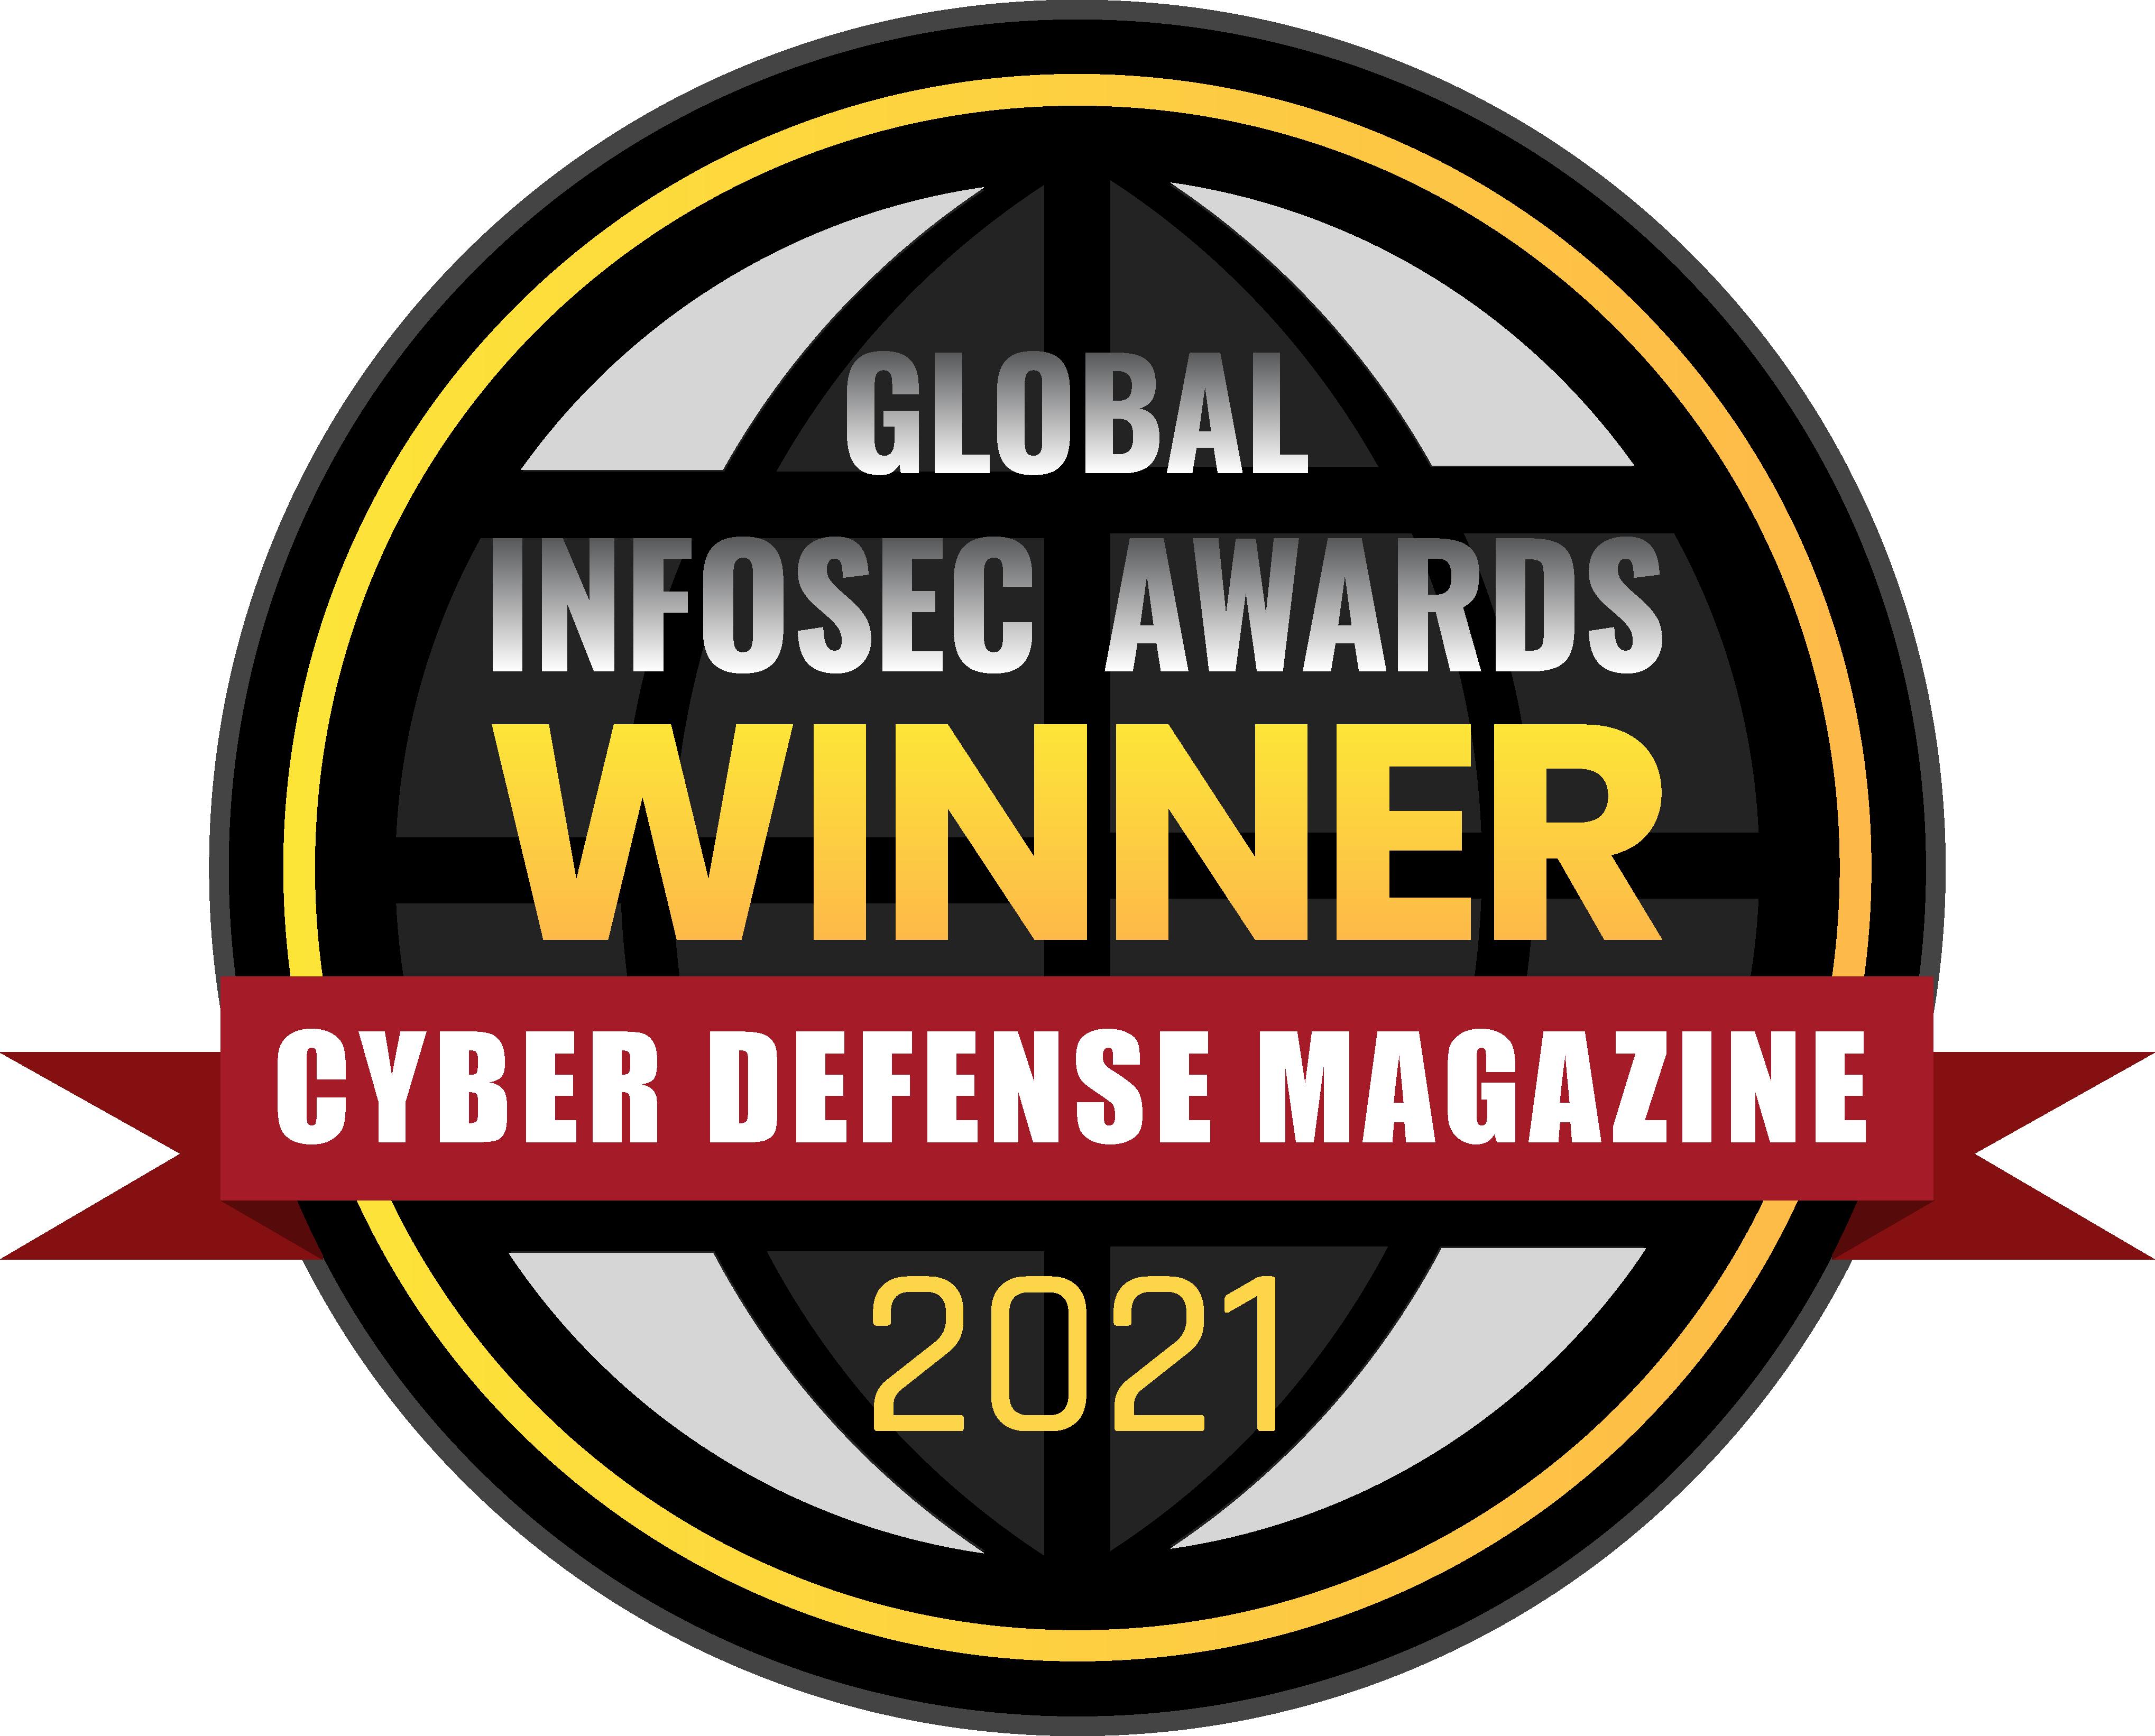 Global Infosec Awards Winner - 2021